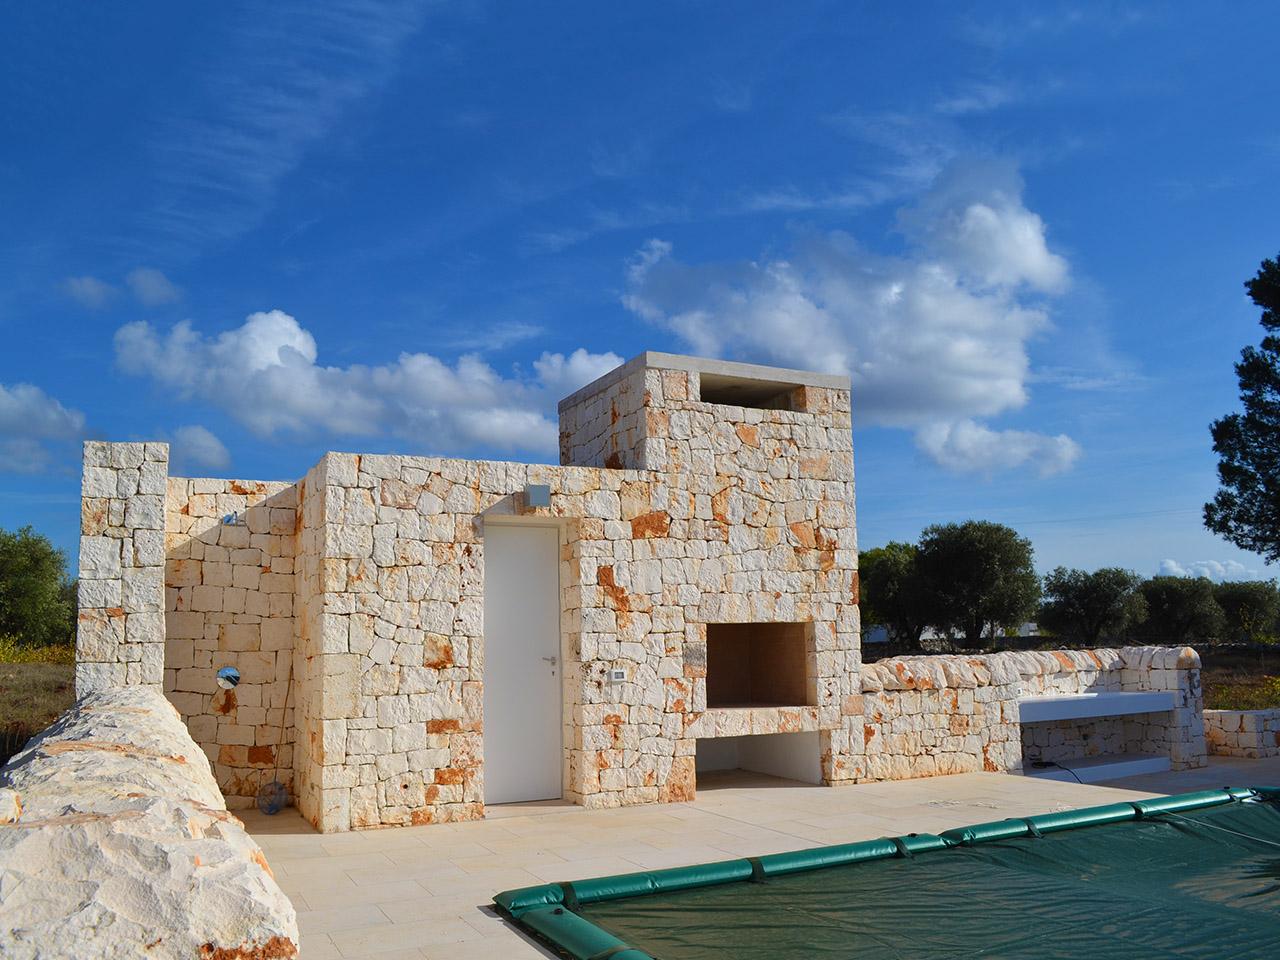 costruzioni restauri sirio ostuni nuova residenza privata ristrutturazione sessana ostuni dsc 2721